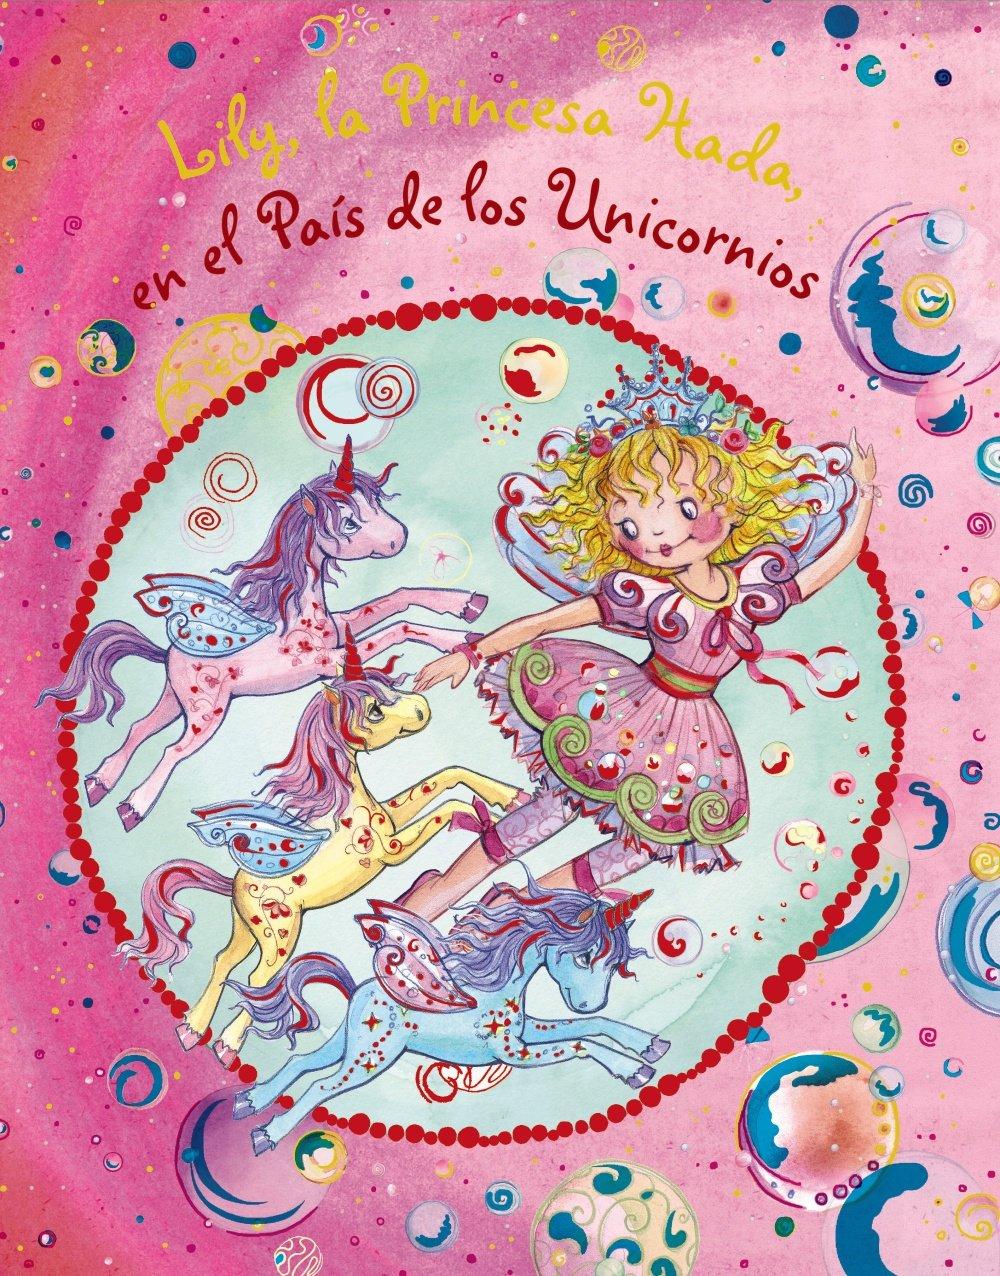 Lily, la Princesa Hada, en el País de los Unicornios Castellano - A PARTIR DE 3 AÑOS - PERSONAJES - Lily, la Princesa Hada: Amazon.es: Nuppeney, Burkhard, Finsterbusch, Monika, Nieto, Eva: Libros